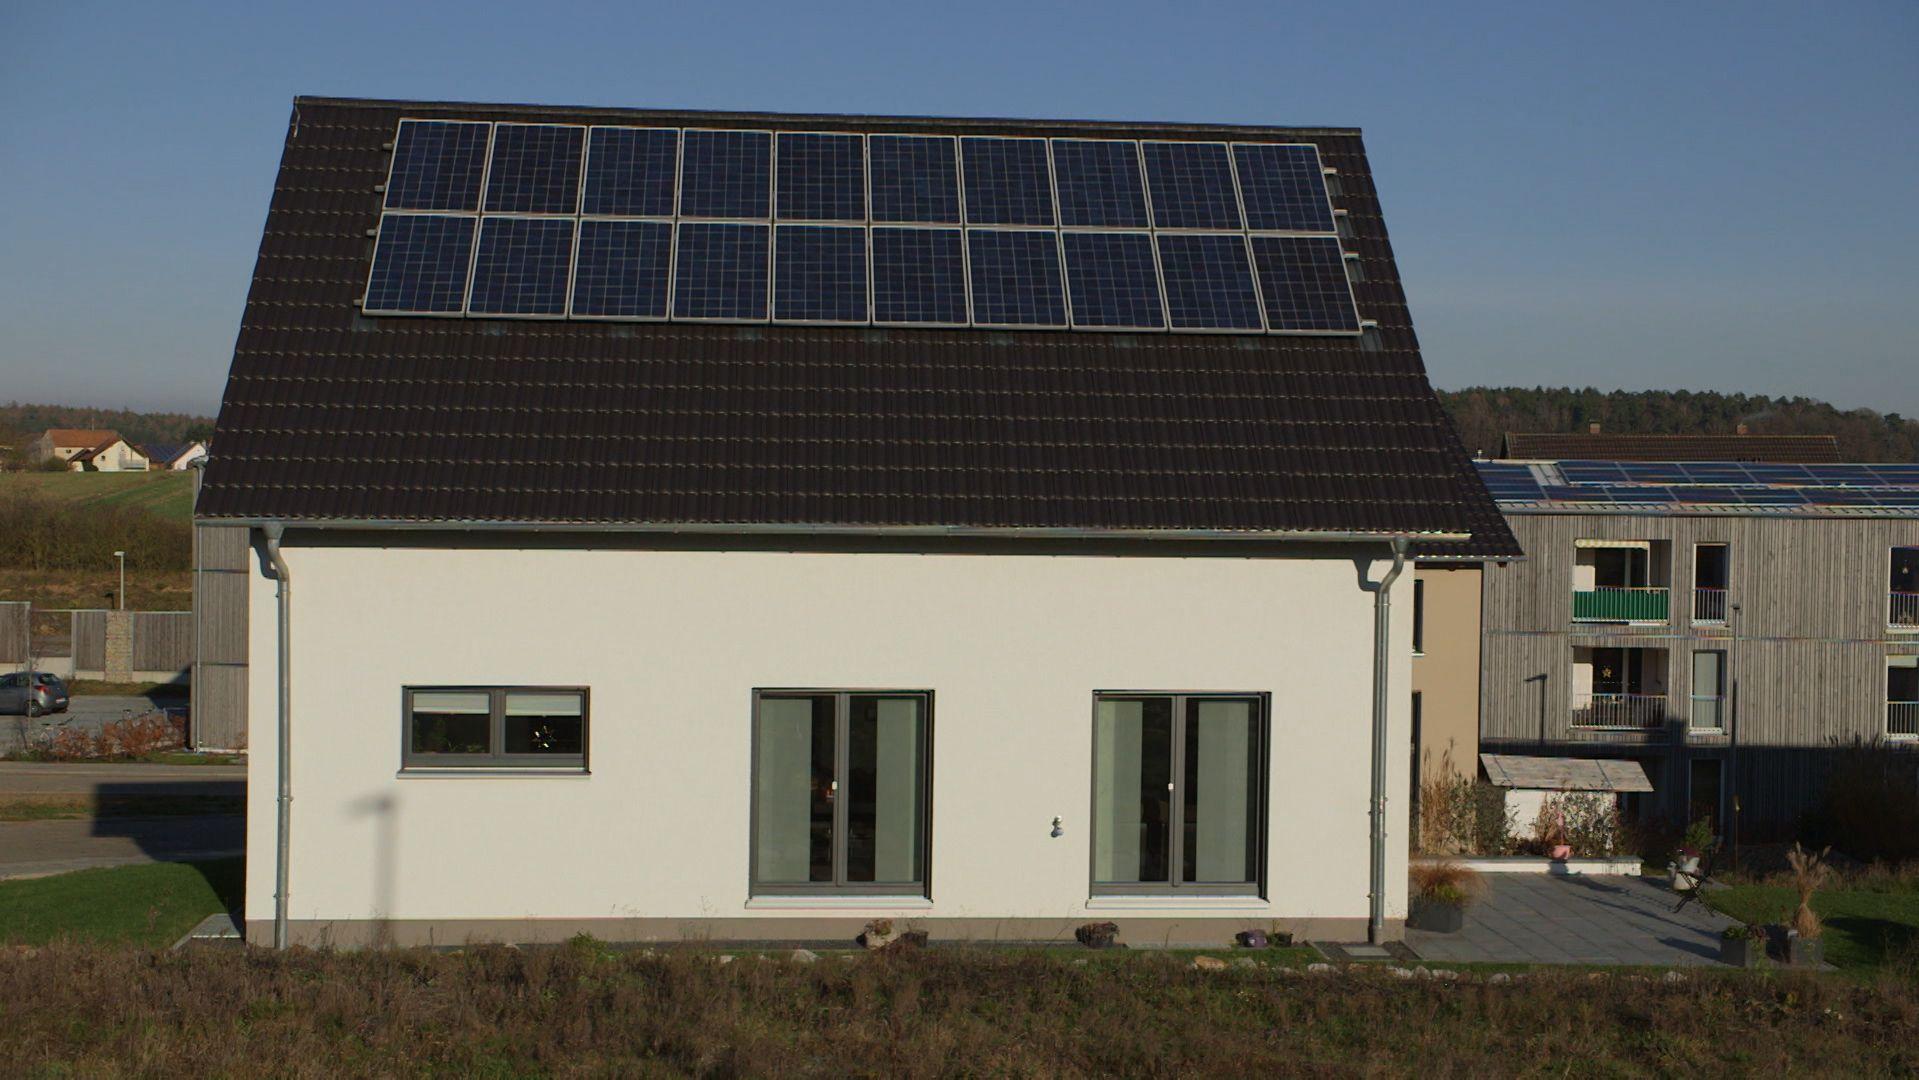 Wie kommt die Energiewende in die Städte? Und Solarzellen auch auf die Dächer von Mietwohnungsblocks? Dafür gibt es ein gesetzliches Modell, den so genannten Mieterstrom. Ein Beispiel aus der Oberpfalz.